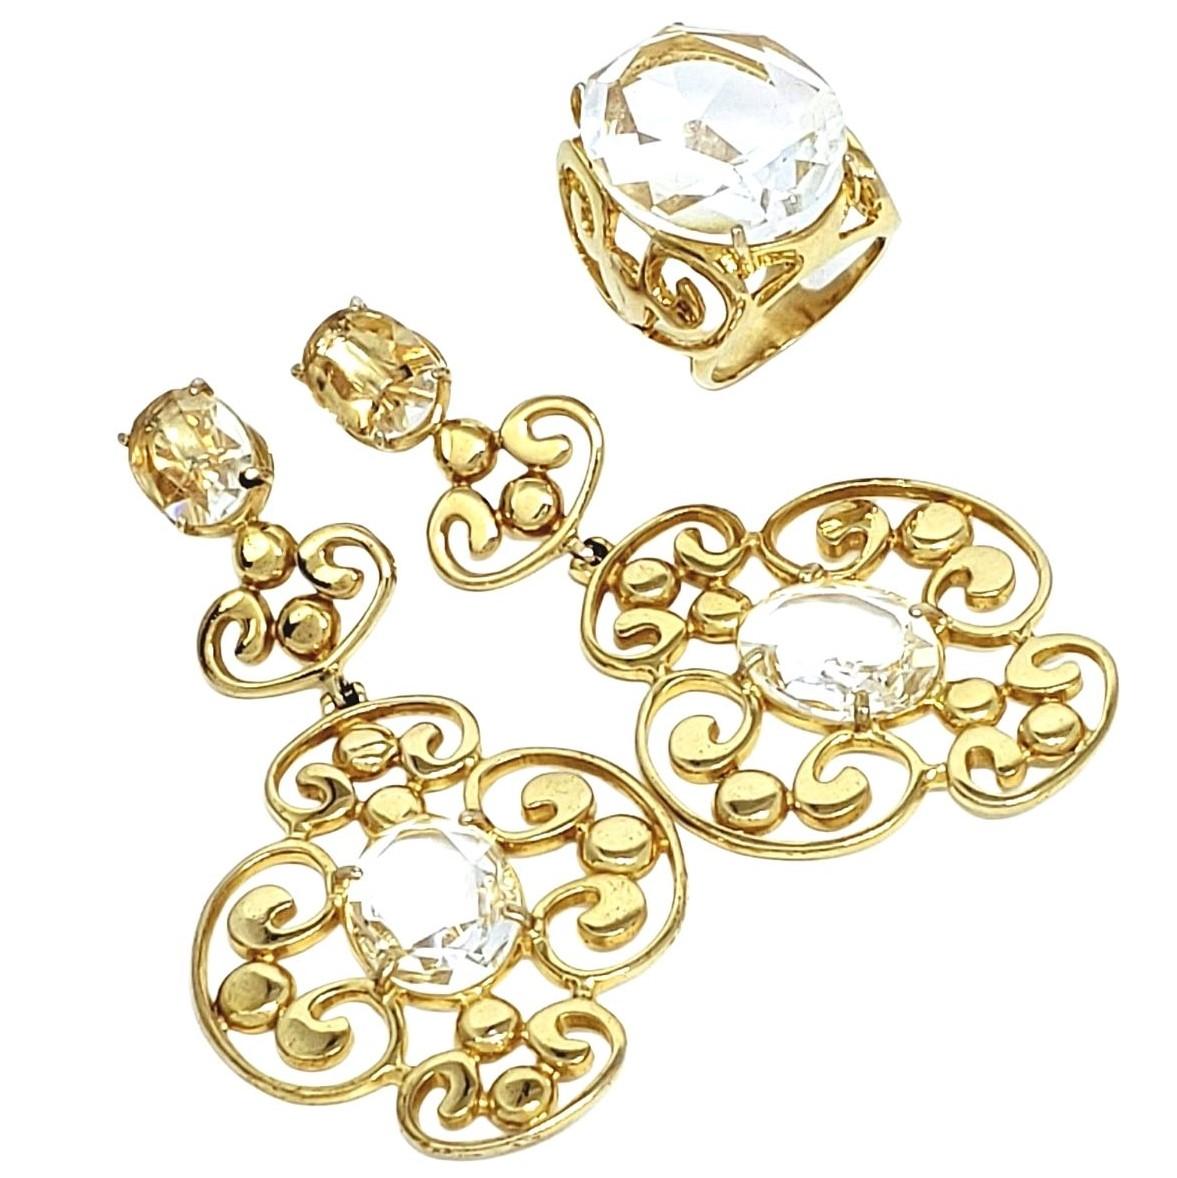 Anel E Brincos Cristal Mosaico Banho De Ouro 18k 1376 1416